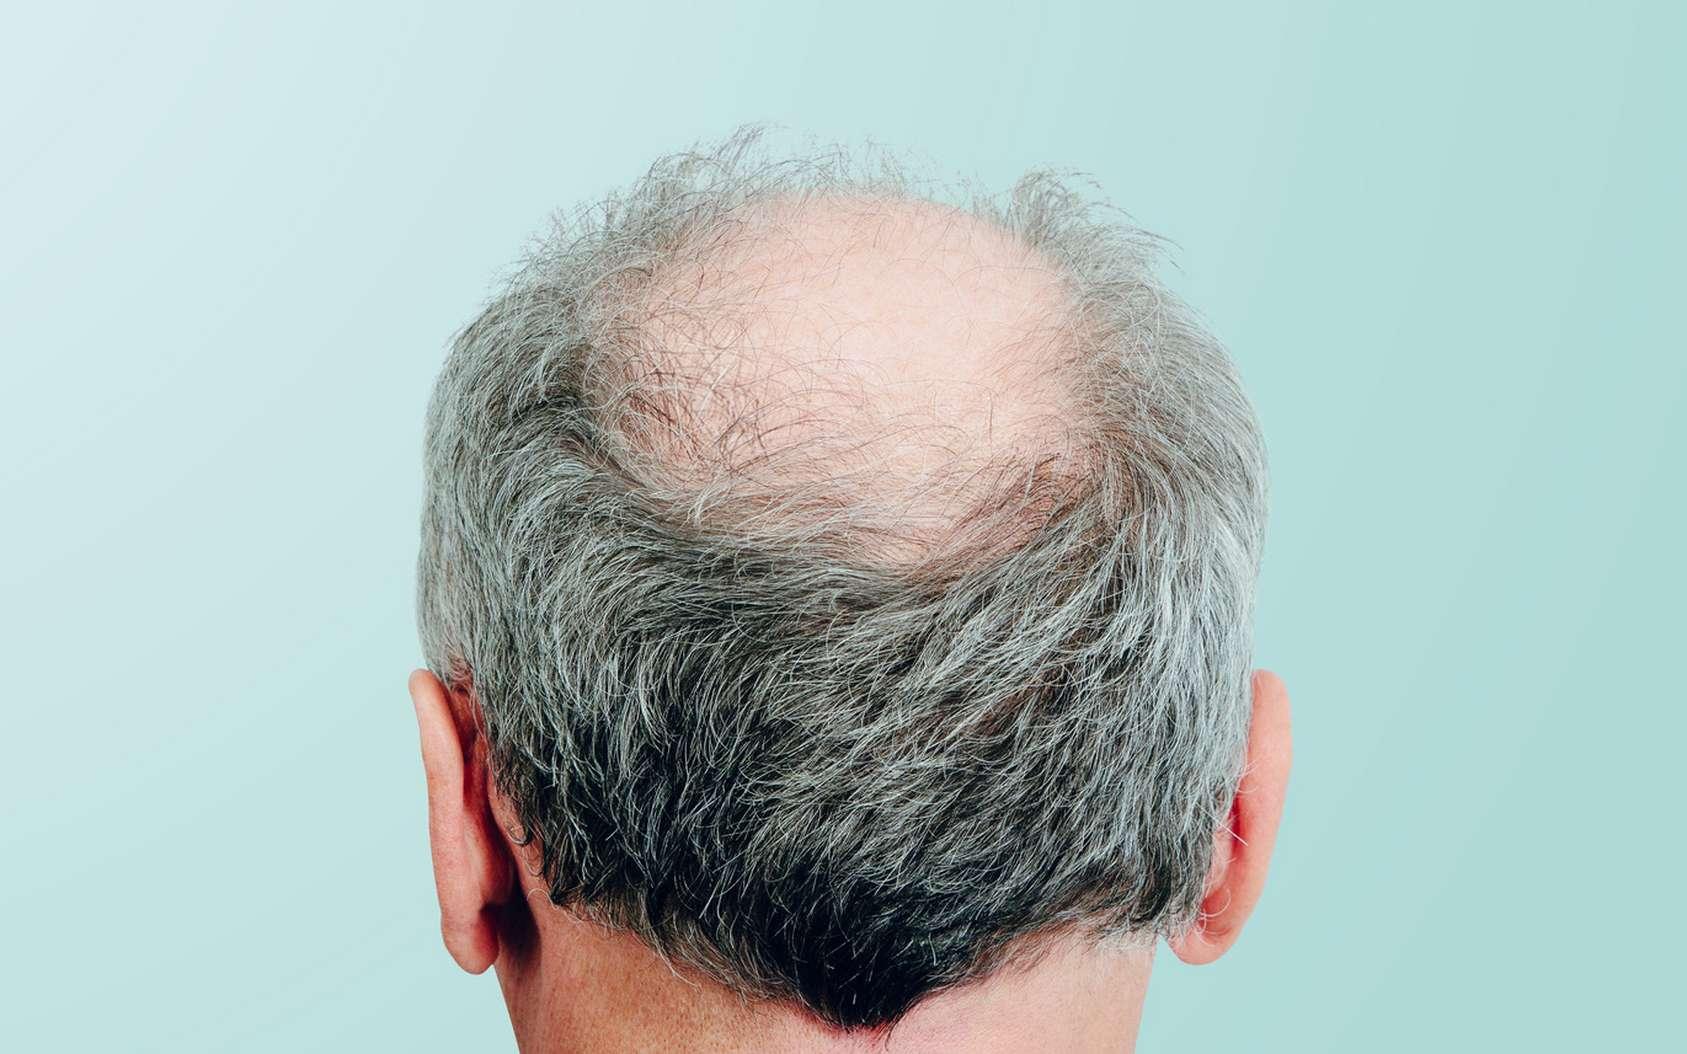 Chute de cheveux liée au stress - zty health